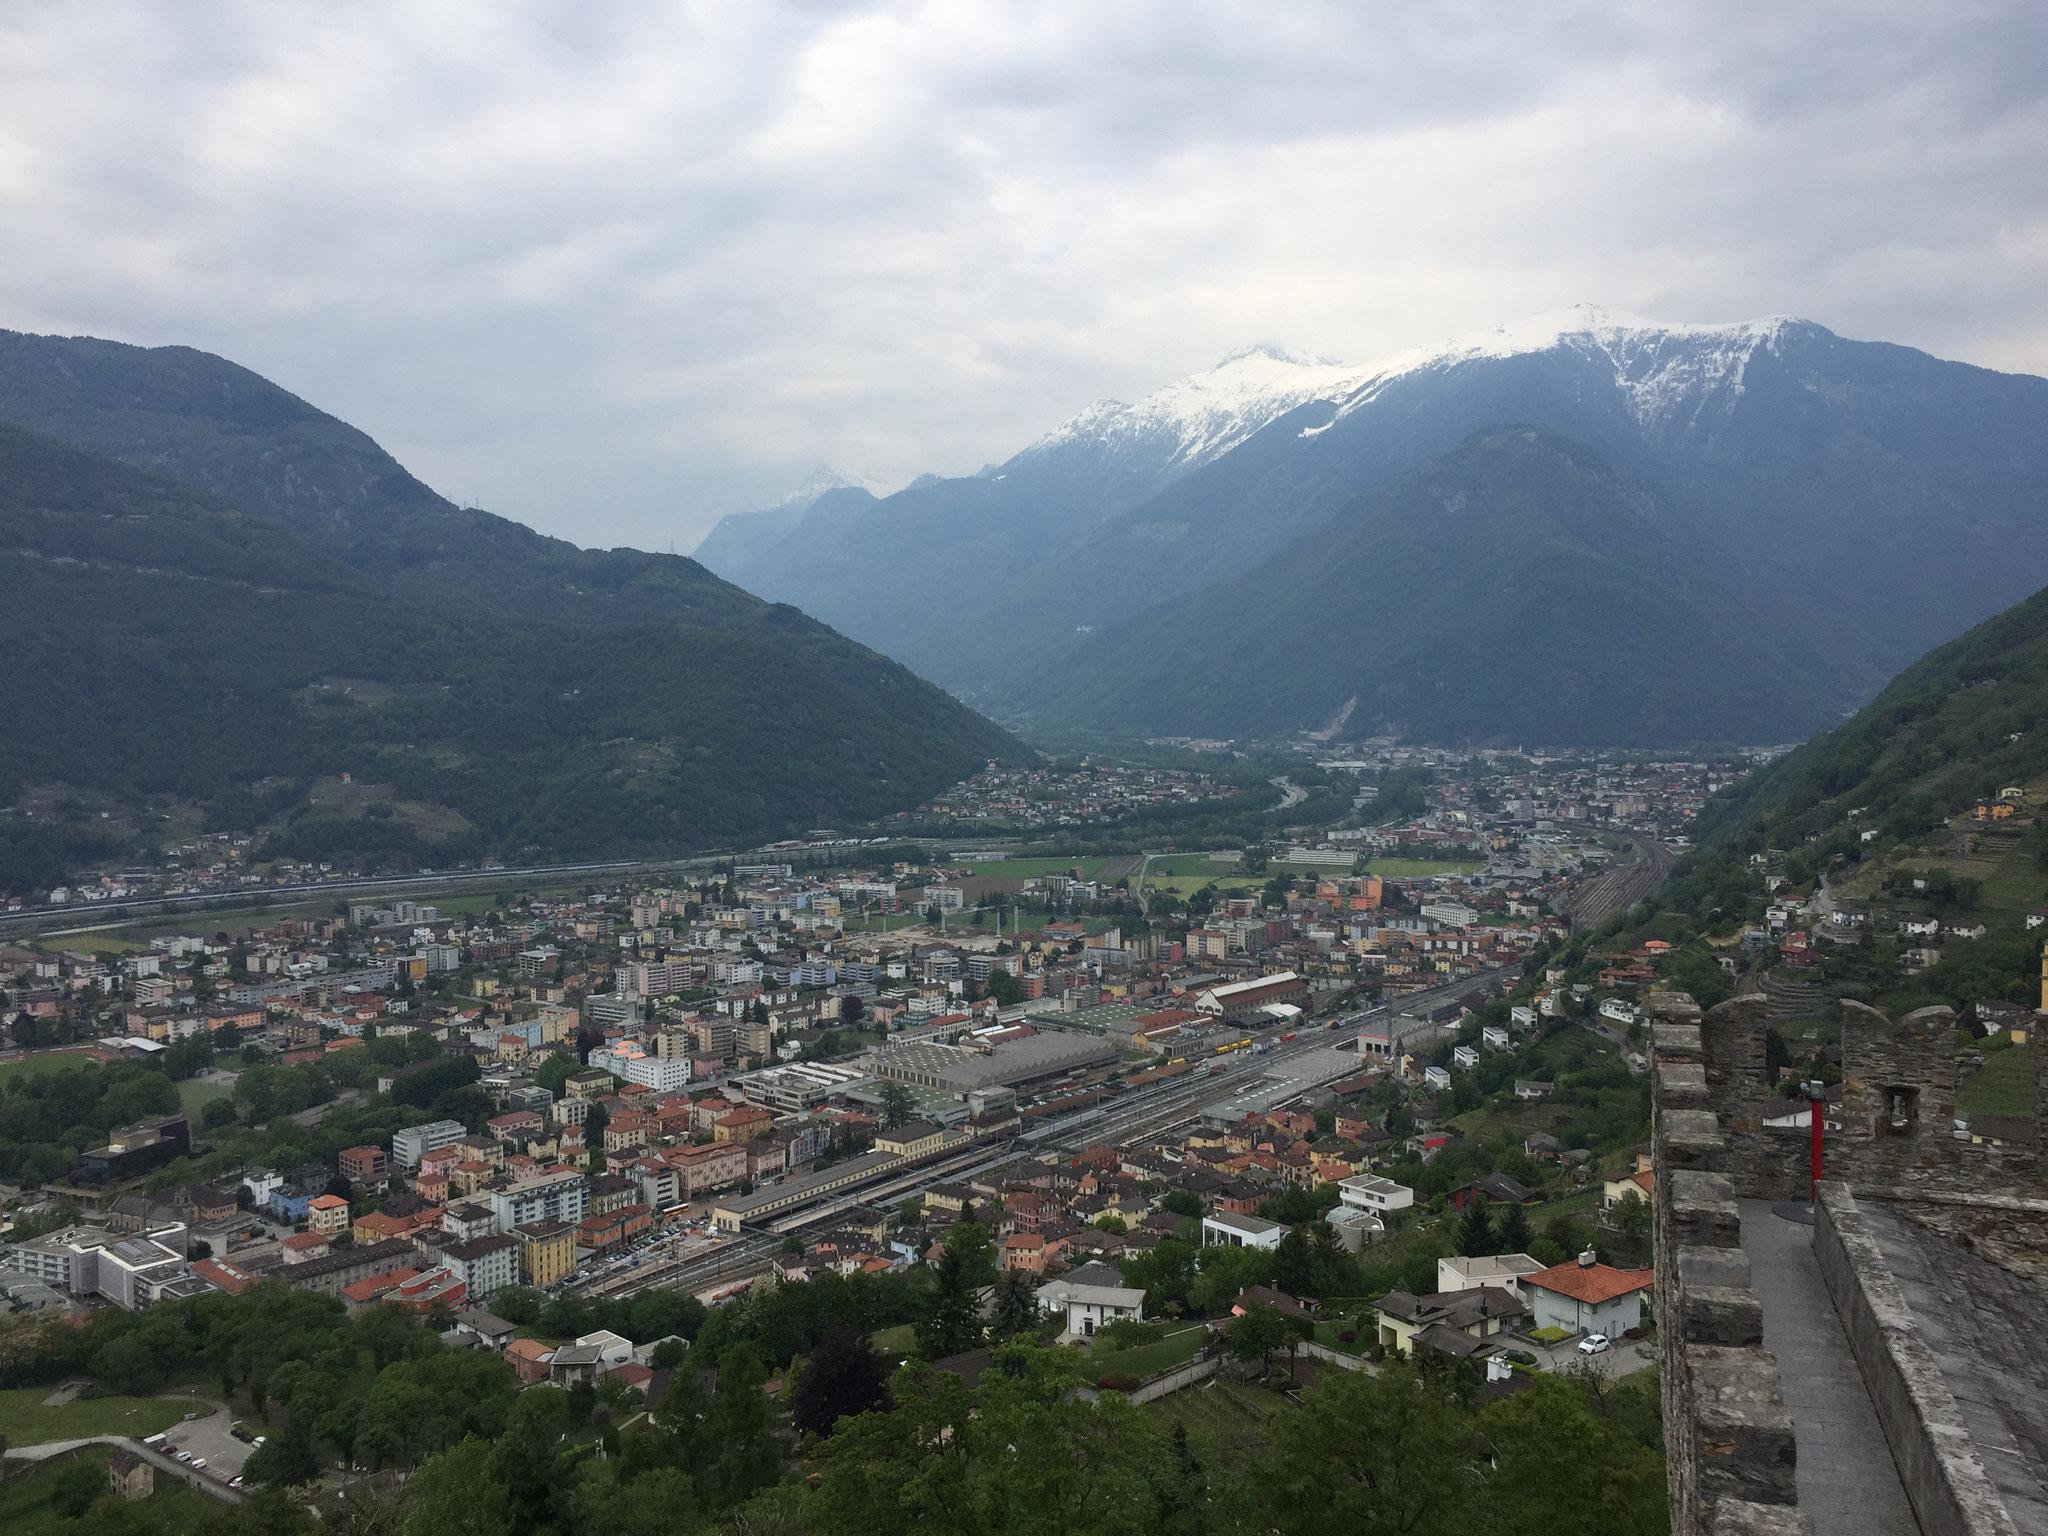 Der Blick in Richtung St. Gotthard (links) und San Bernadino (rechts)